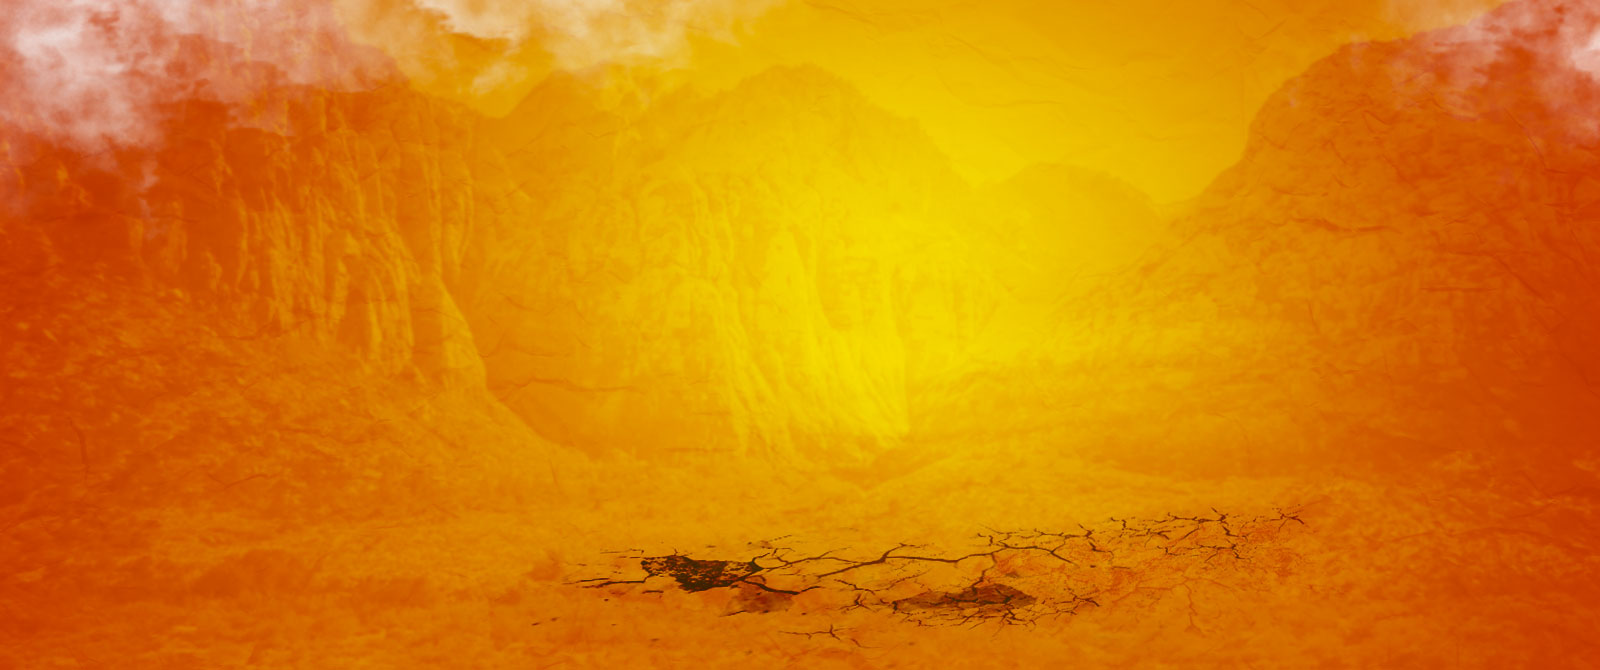 bg-desert-orange1